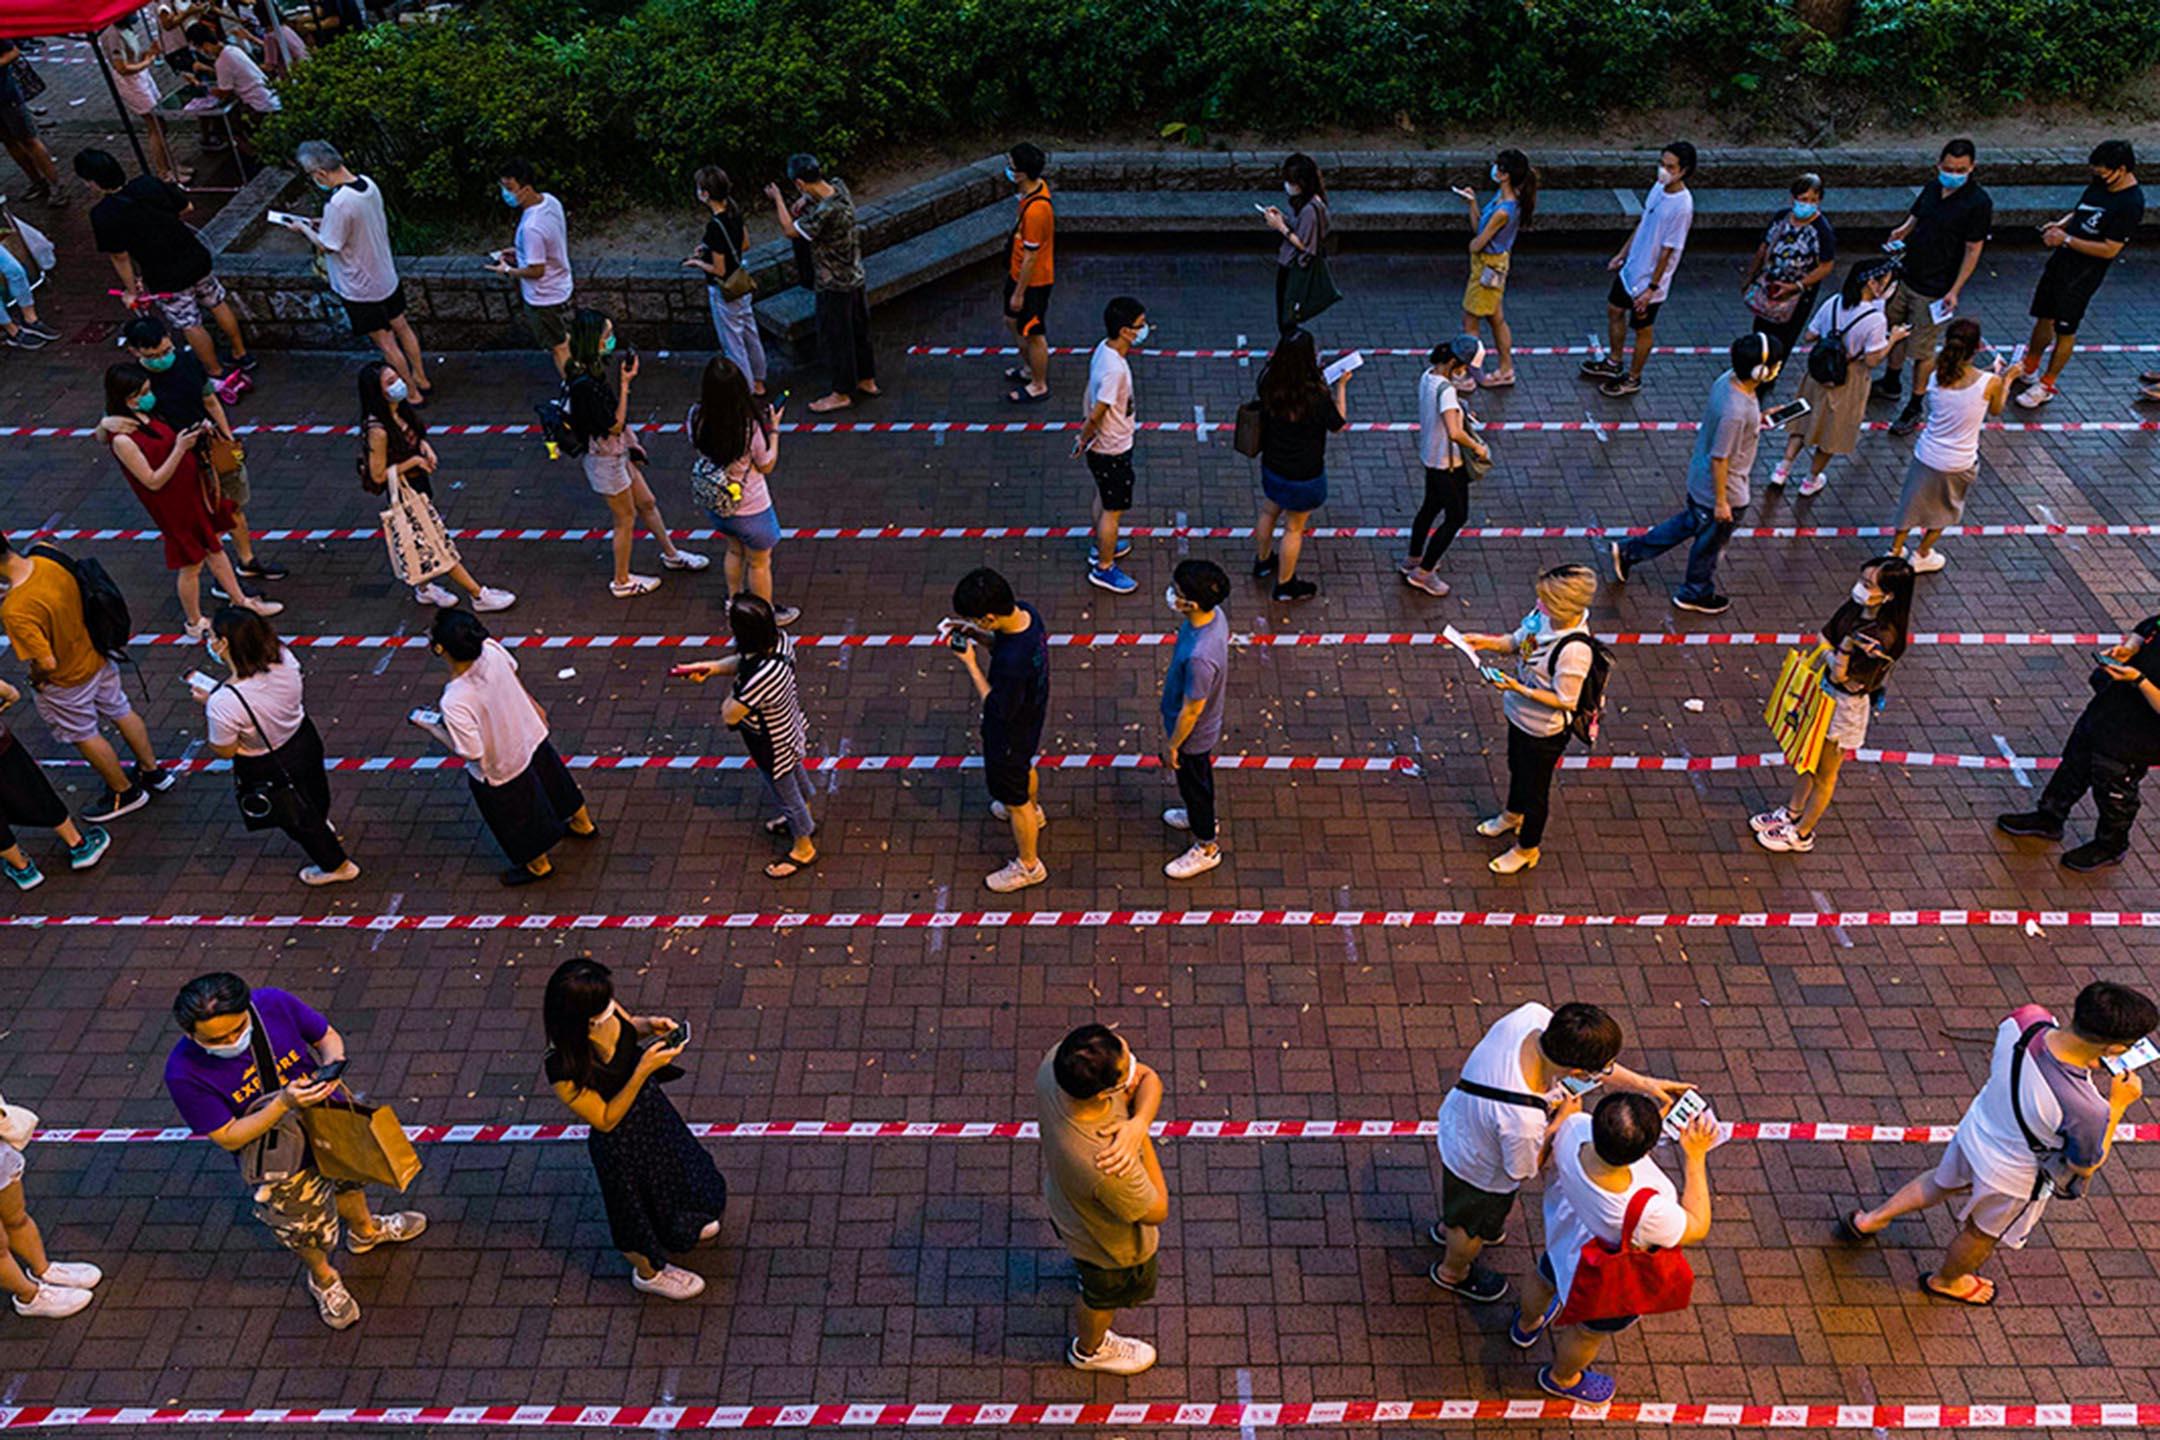 2020年7月11日大埔,民主派就2020年立法會選舉舉行初選,投票人數達60萬,香港多區出現排隊投票的景況。 攝:陳焯煇/端傳媒